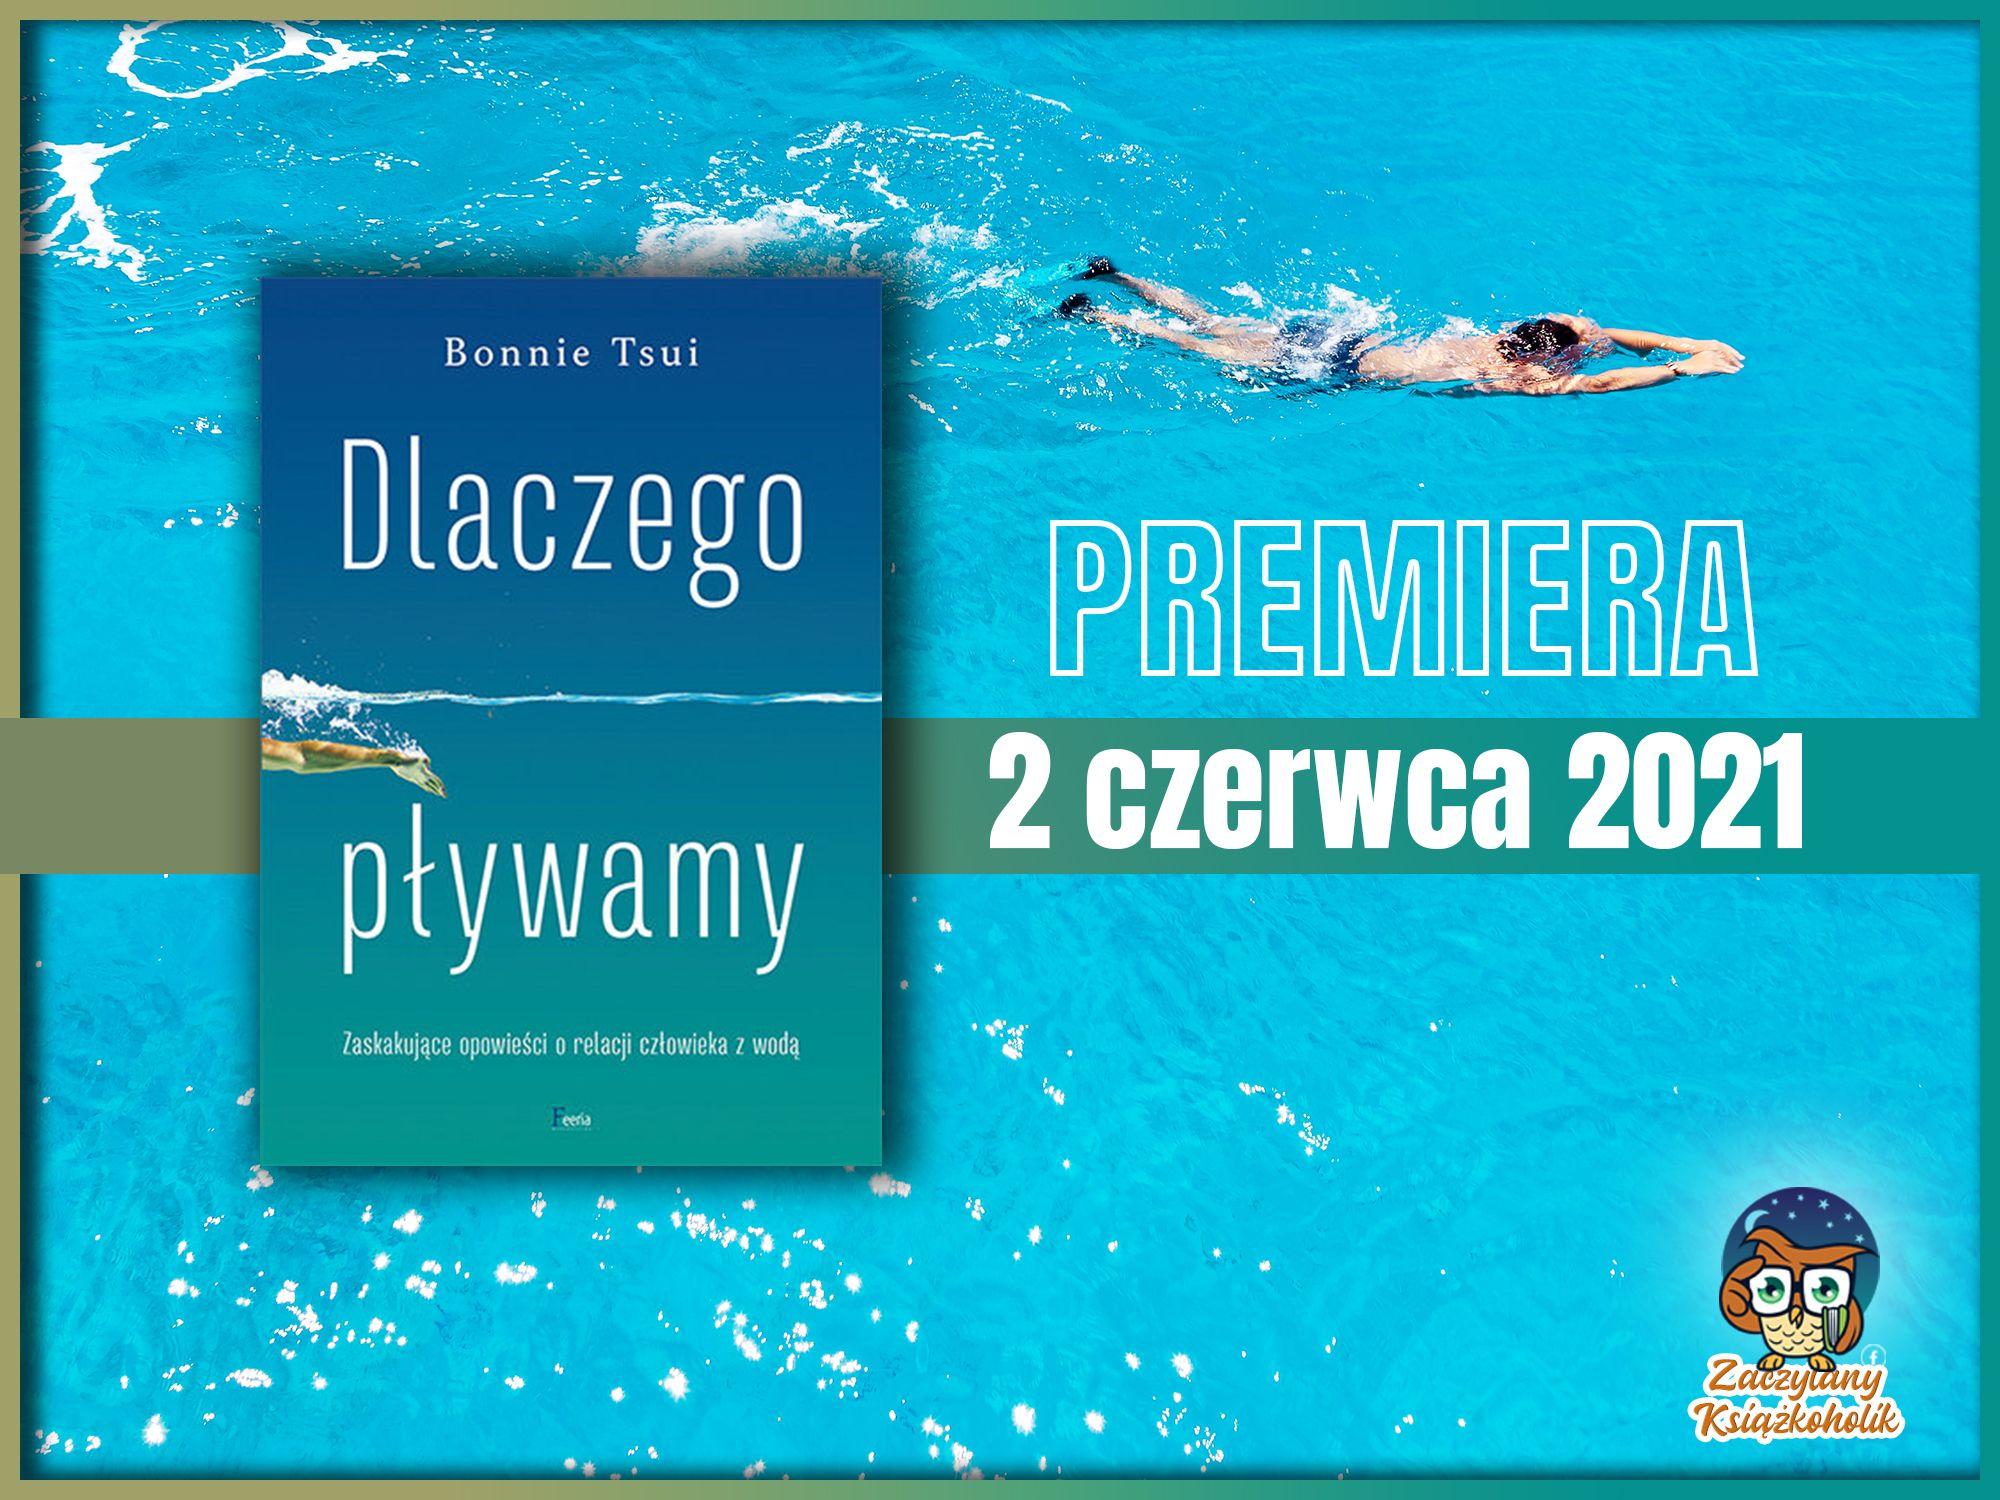 Dlaczego pływamy. Zaskakujące opowieści o relacji człowieka z naturą, Bonnie Tsui, zaczytanyksiazkoholik.pl